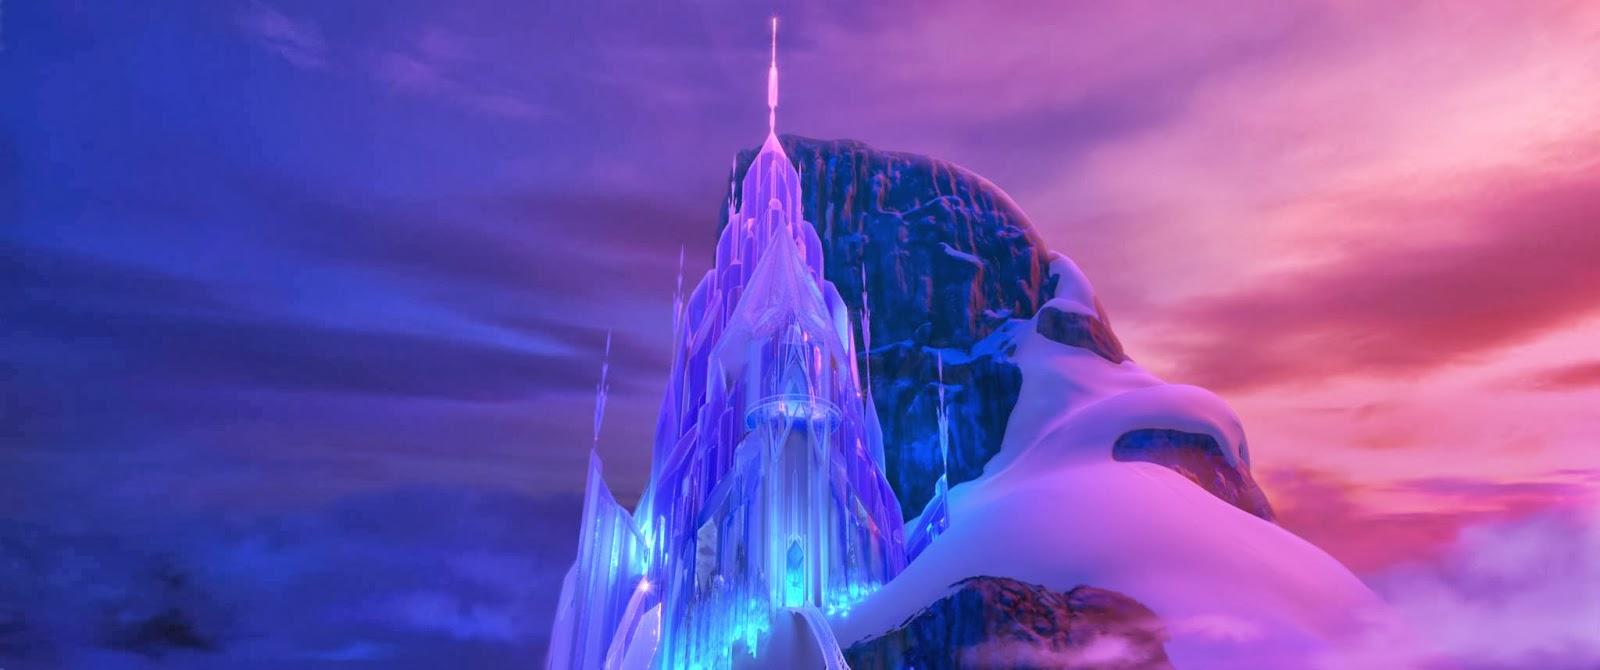 Ice castle Frozen animatedfilmreviews.filminspector.com